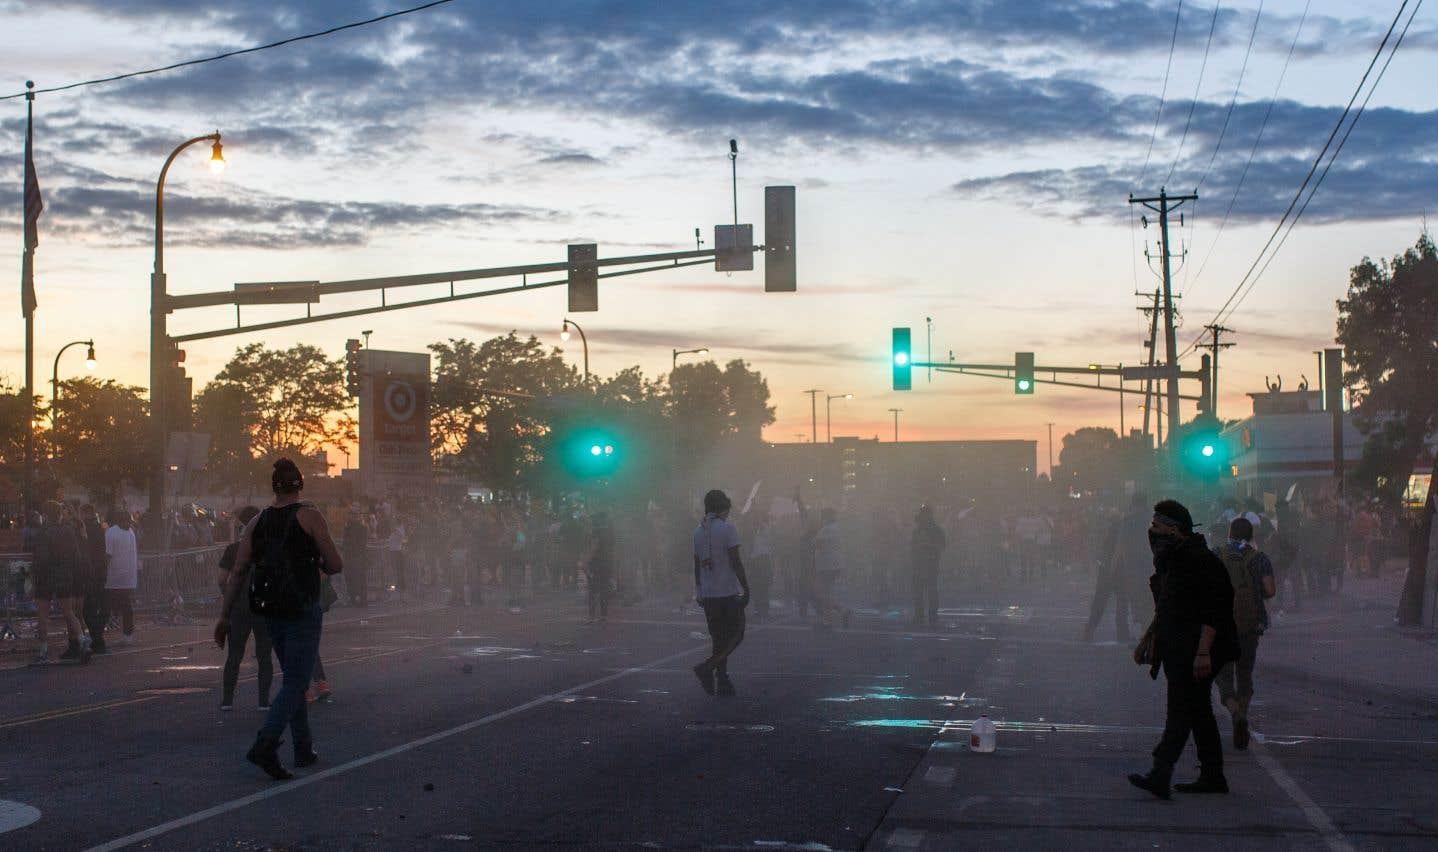 Des manifestants et des policiers s'affrontent lors d'une manifestation contre le meurtre de George Floyd par un policier, à Minneapolis.